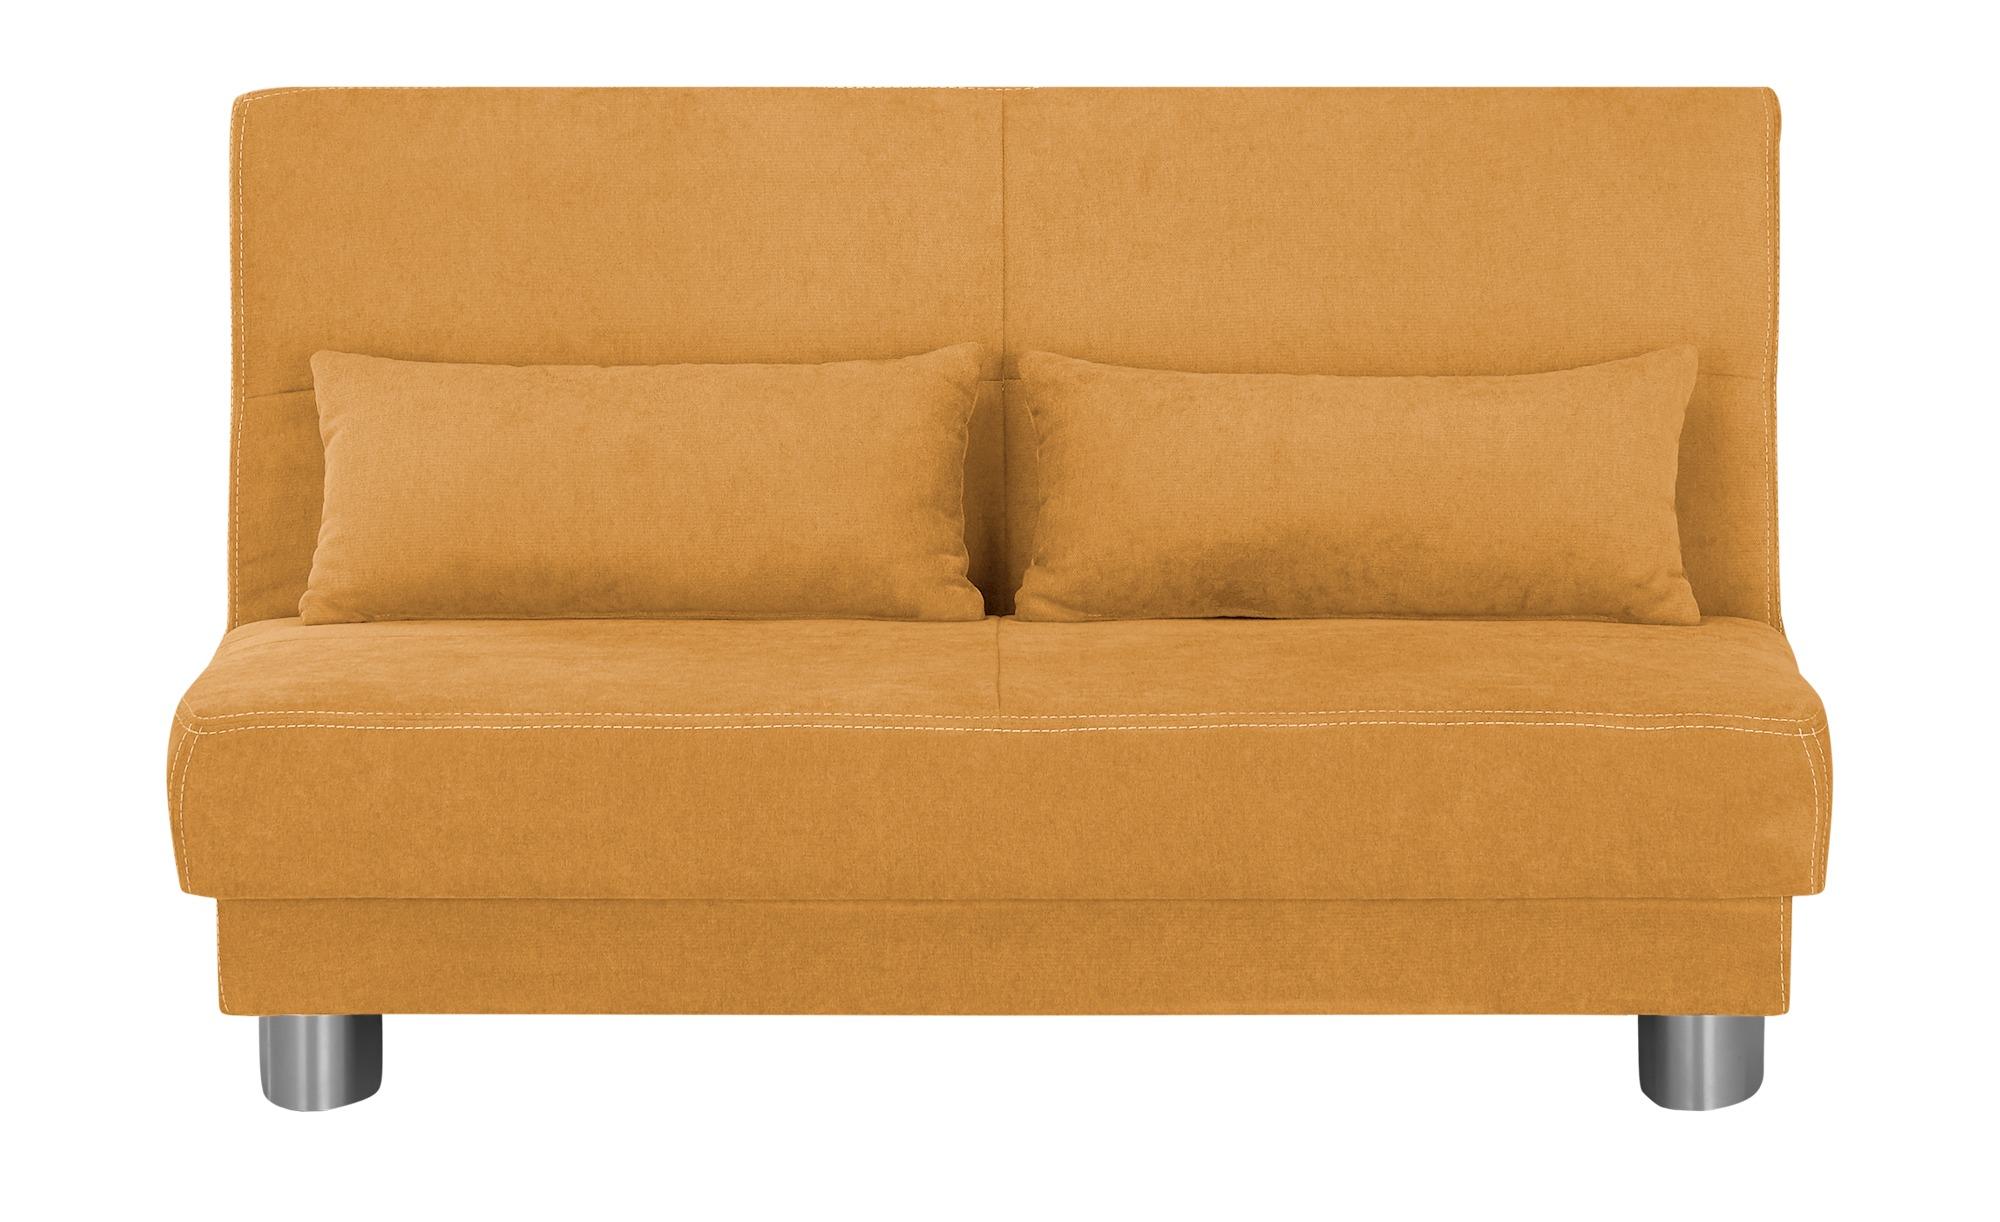 Schlafsofa  Gina ¦ orange ¦ Maße (cm): B: 120 H: 86 T: 95 Polstermöbel > Sofas > Einzelsofas - Höffner